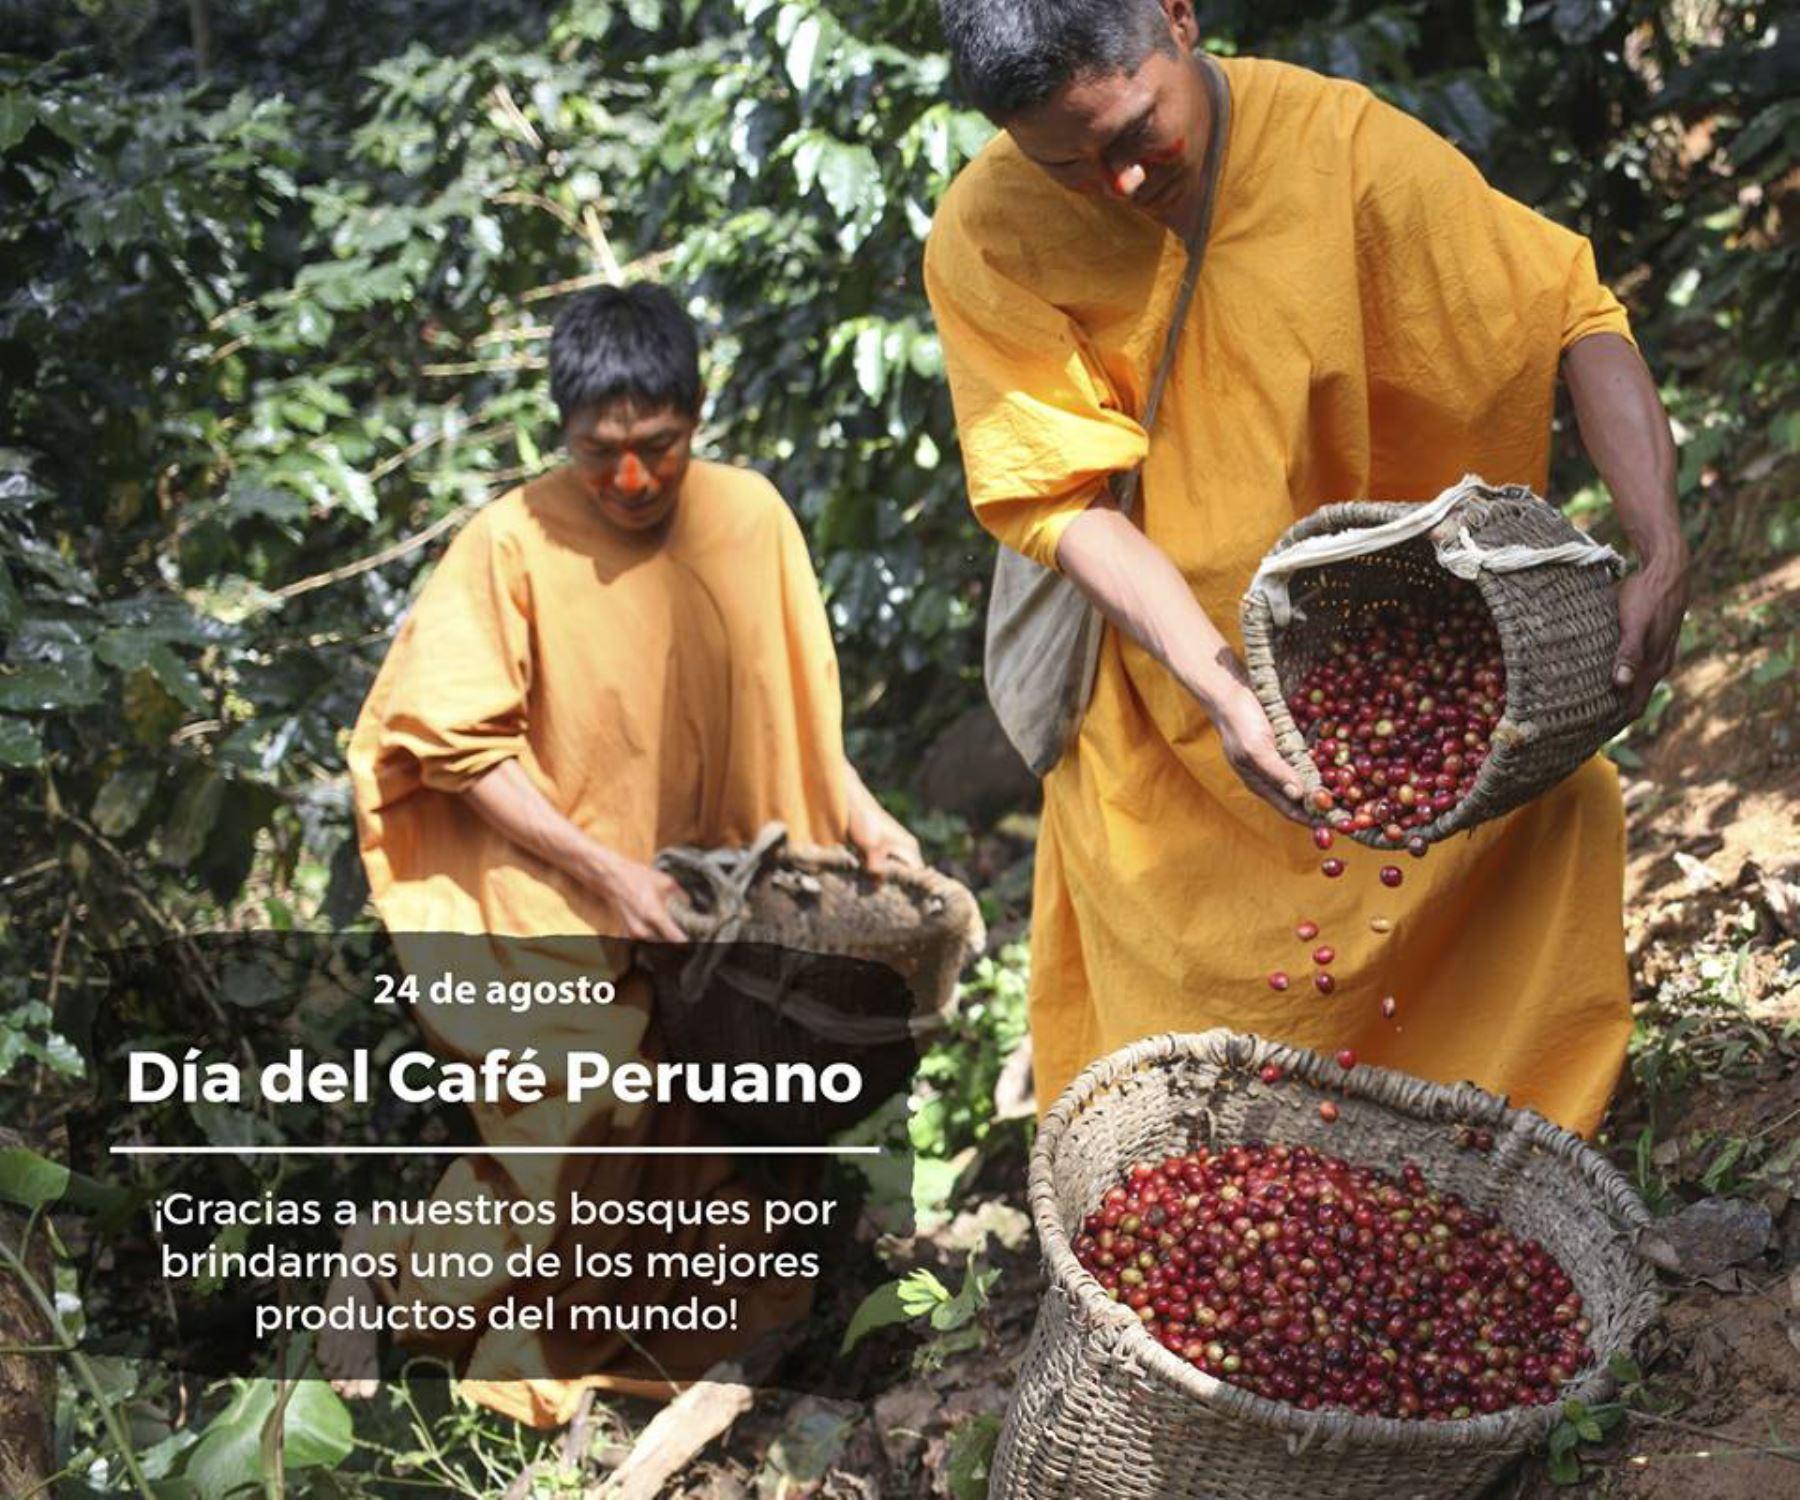 La experiencia de lograr un aromático y exquisito café de bosques conservados ha convertido a los caficultores de las comunidades nomatsiguengas de Mayni y Shora de Alto Coriri, en la región Junín, en un ejemplo para las comunidades indígenas que empiezan a mejorar sus cultivos de café con los incentivos y asistencia técnica del Programa Bosques del Ministerio del Ambiente (Minam).